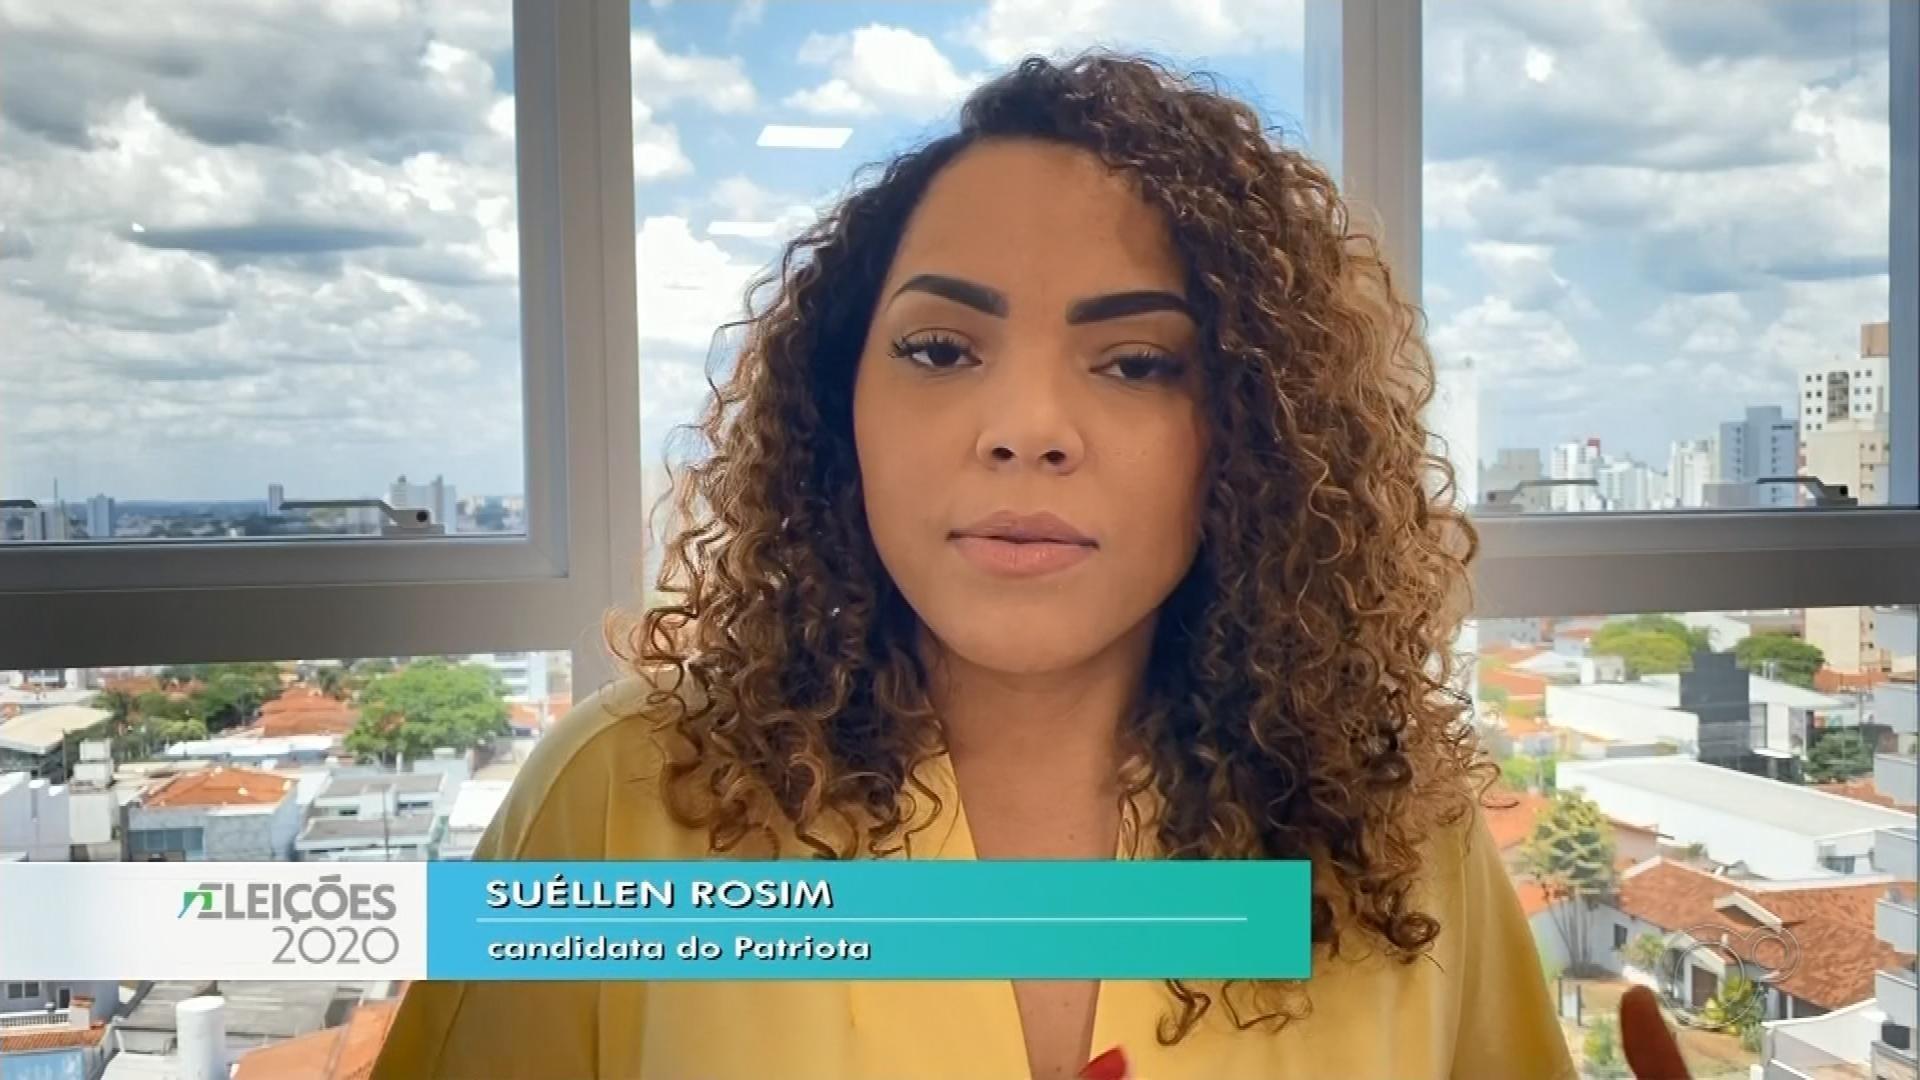 VÍDEOS: TEM Notícias 1ª Edição Bauru e Marília desta quinta-feira, 29 de outubro